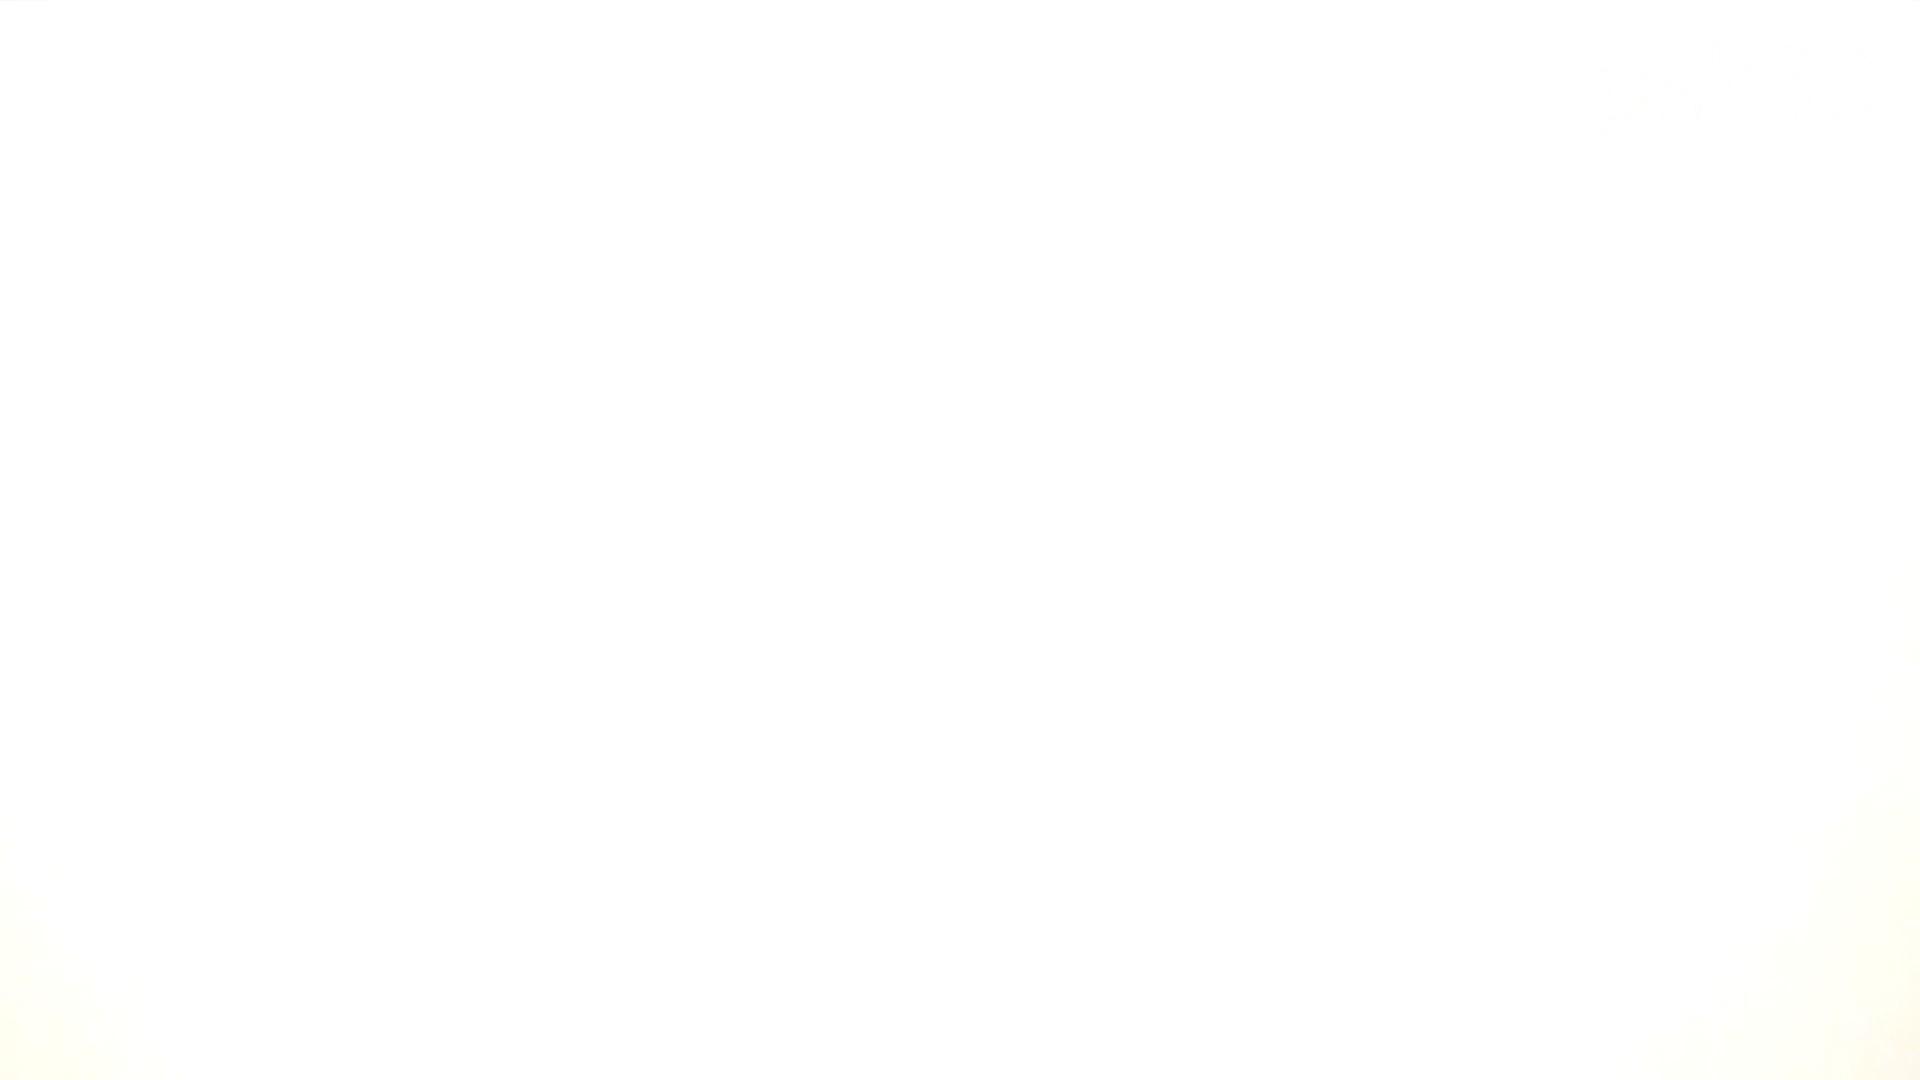 ▲復活限定▲ハイビジョン 盗神伝 Vol.30 丸見え 戯れ無修正画像 99枚 77